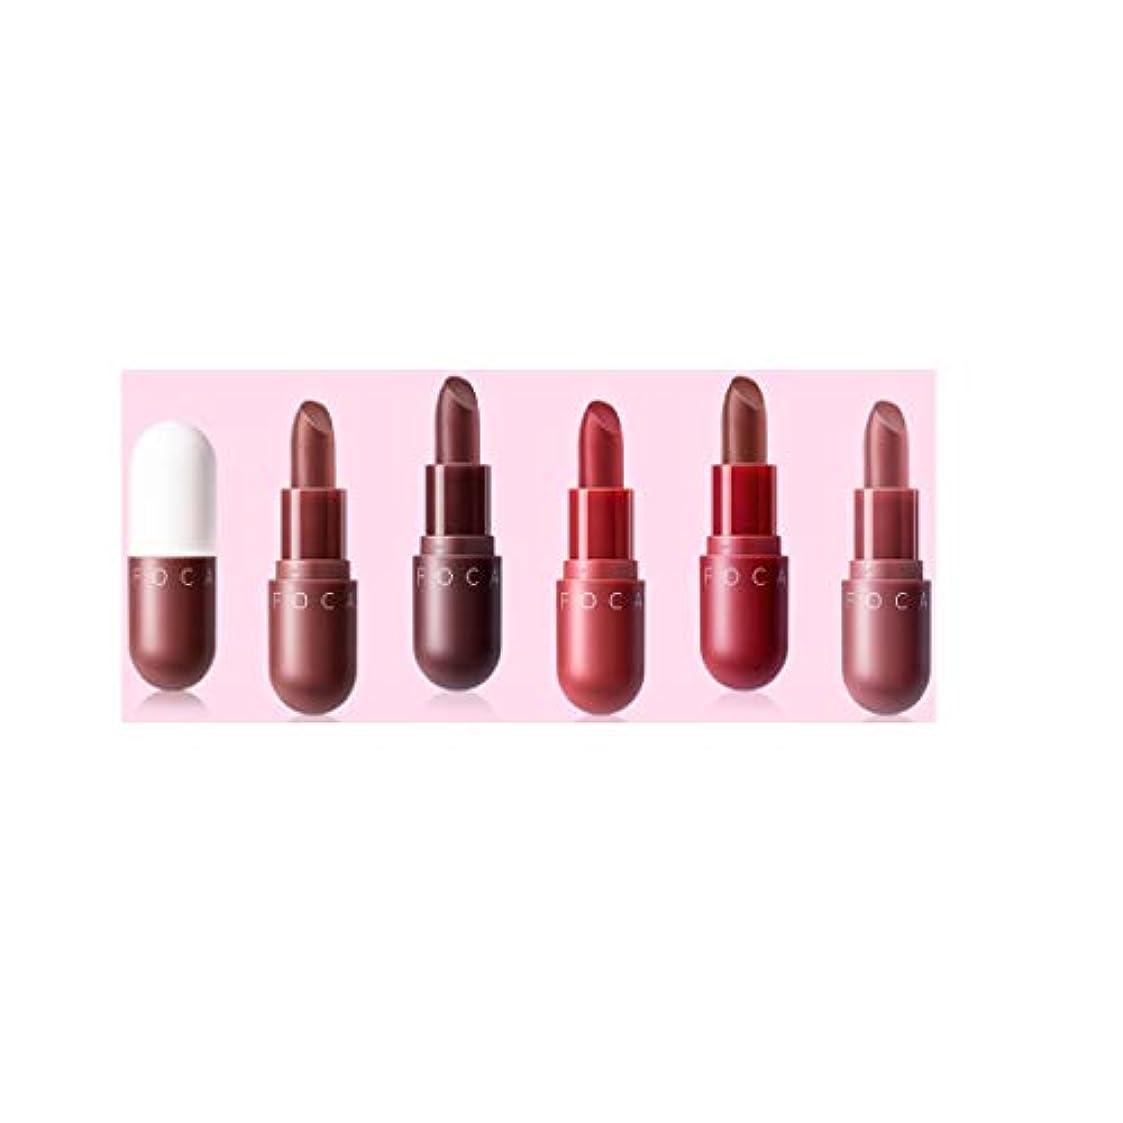 試み意図する名義でBeauty Matte Moisturizing Lipstick Makeup Lipsticks Lip Stick Waterproof Lipgloss Mate Lipsticks Cosmetic